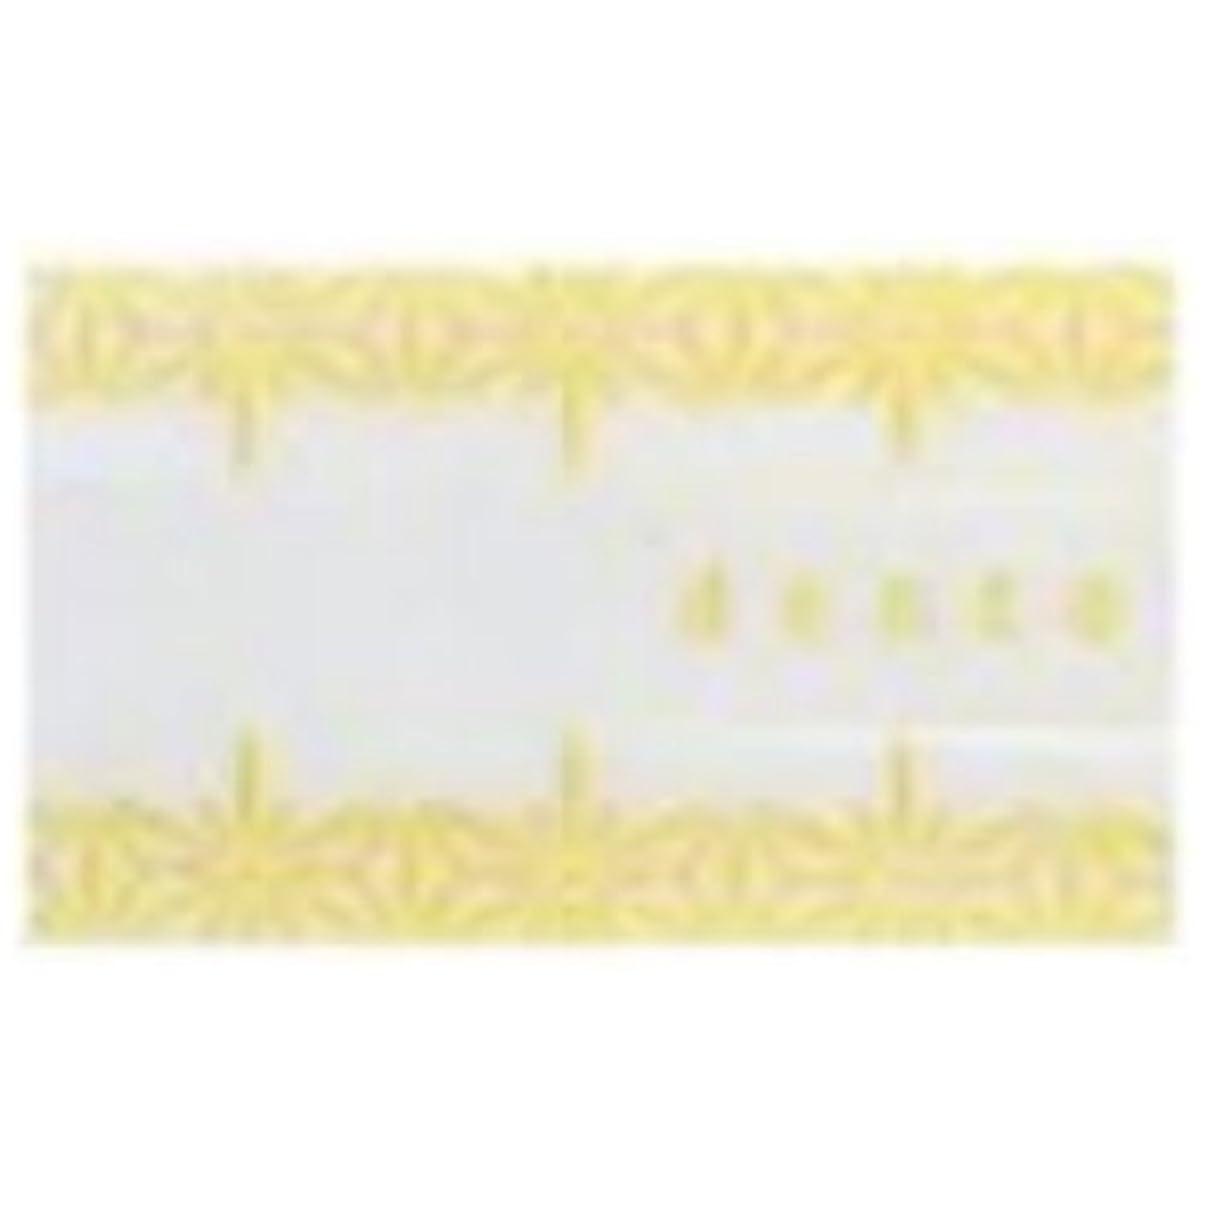 不快なシネマ報告書薫寿堂 紙のお香 美香 檀の香り 30枚入